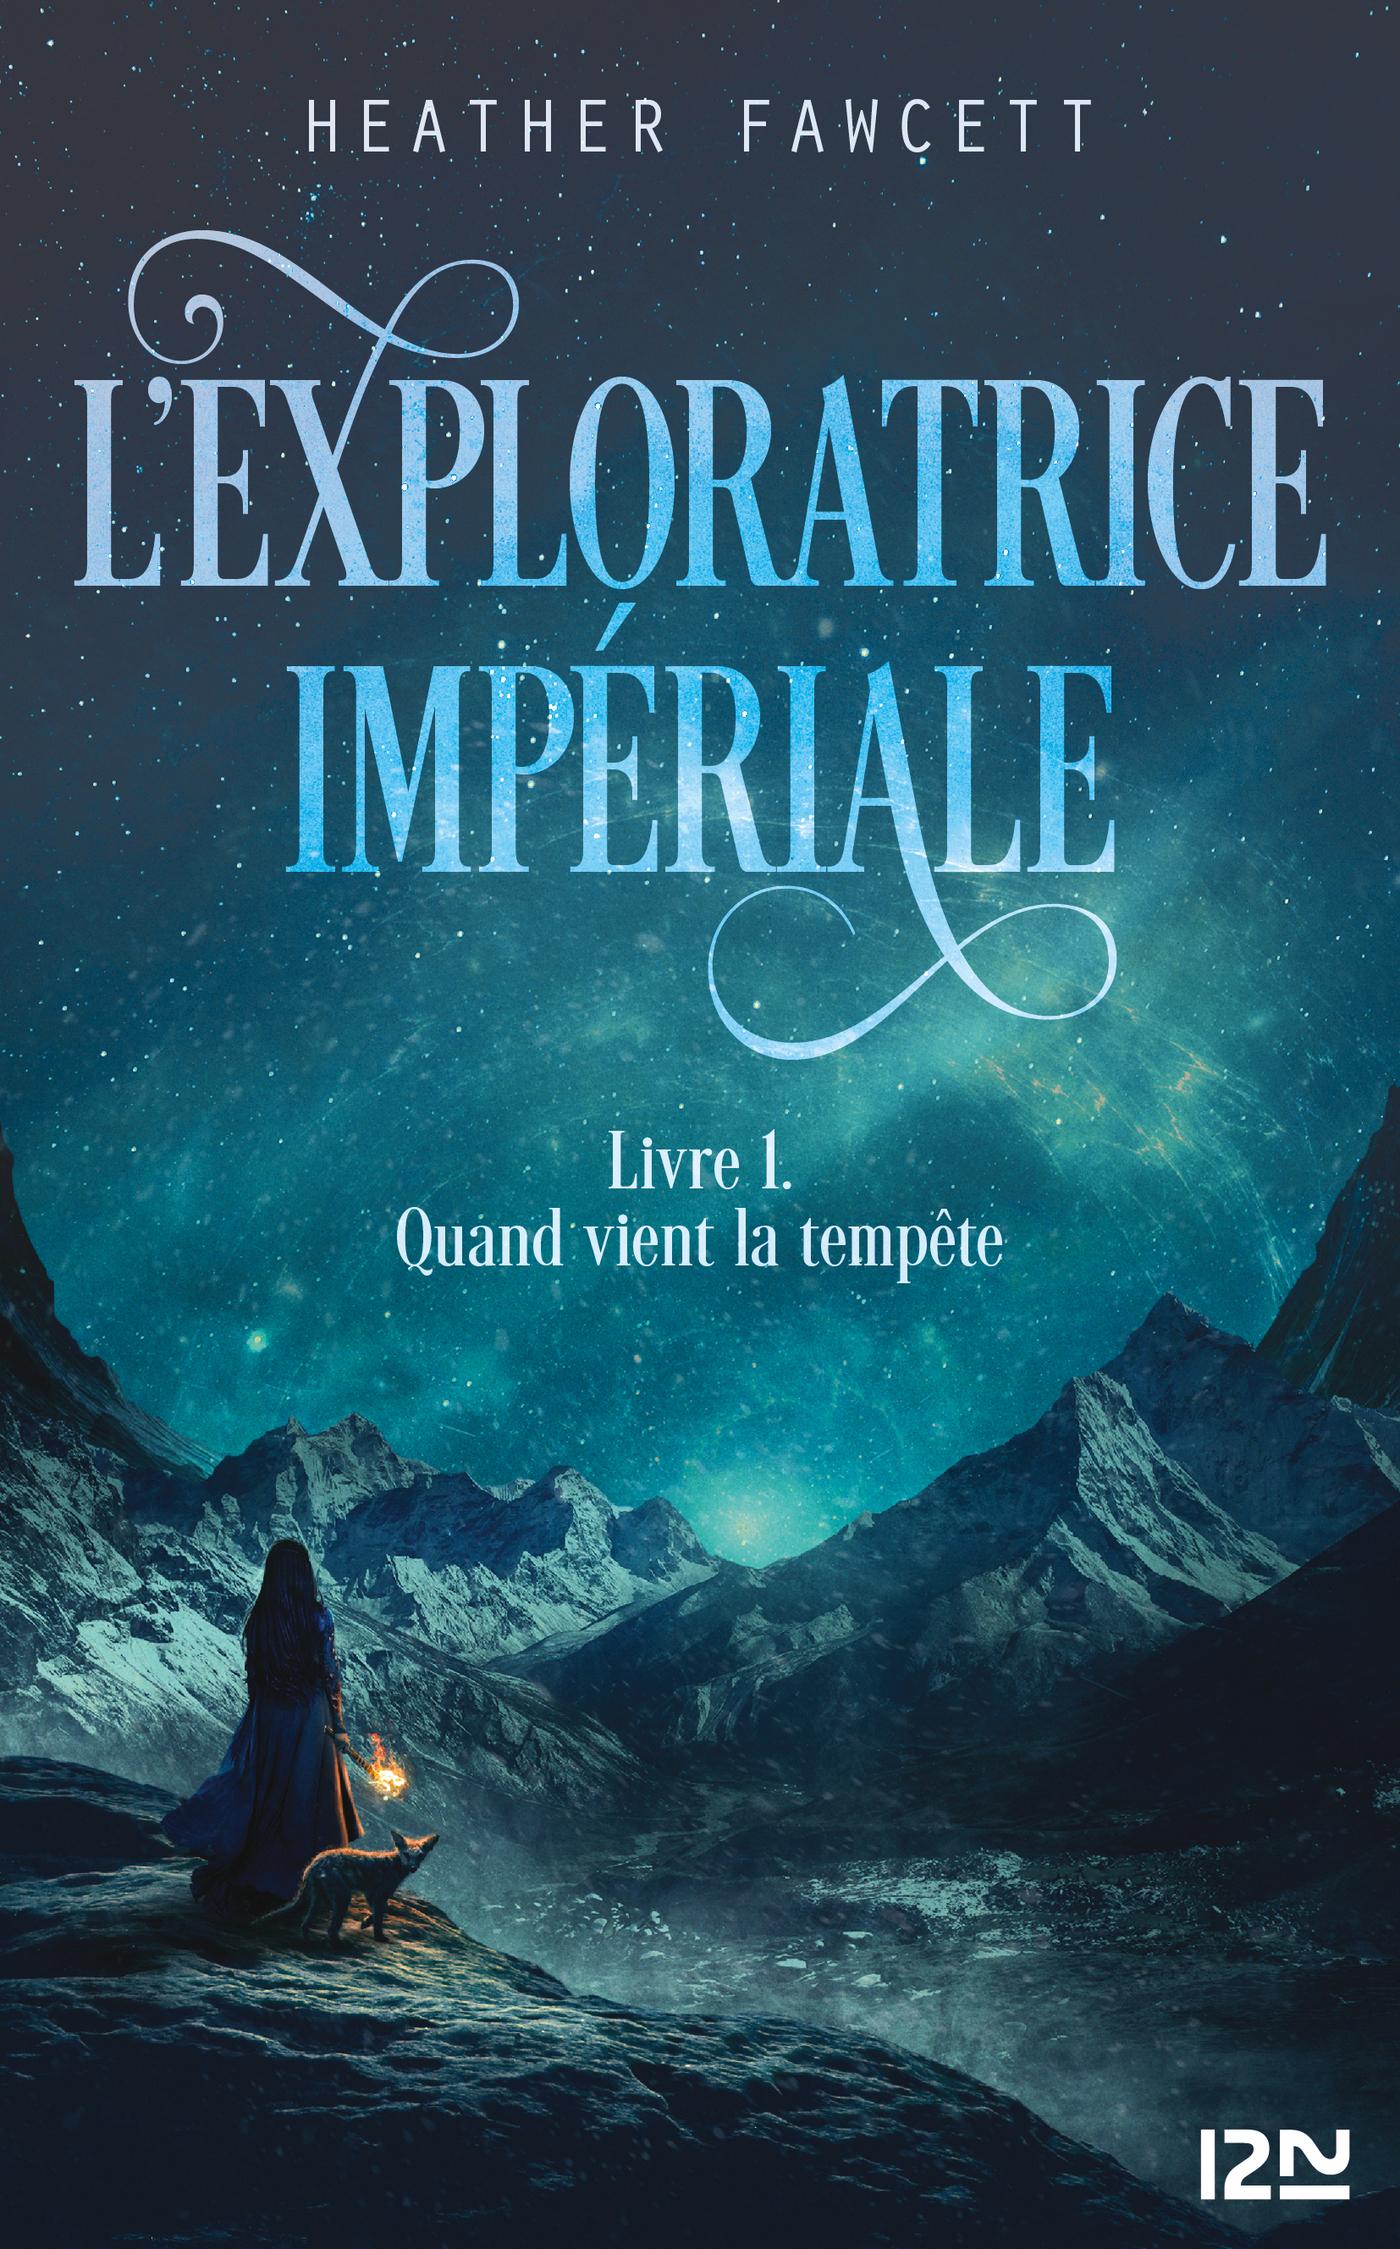 L'exploratrice impériale : Livre 1 - Quand vient la tempête